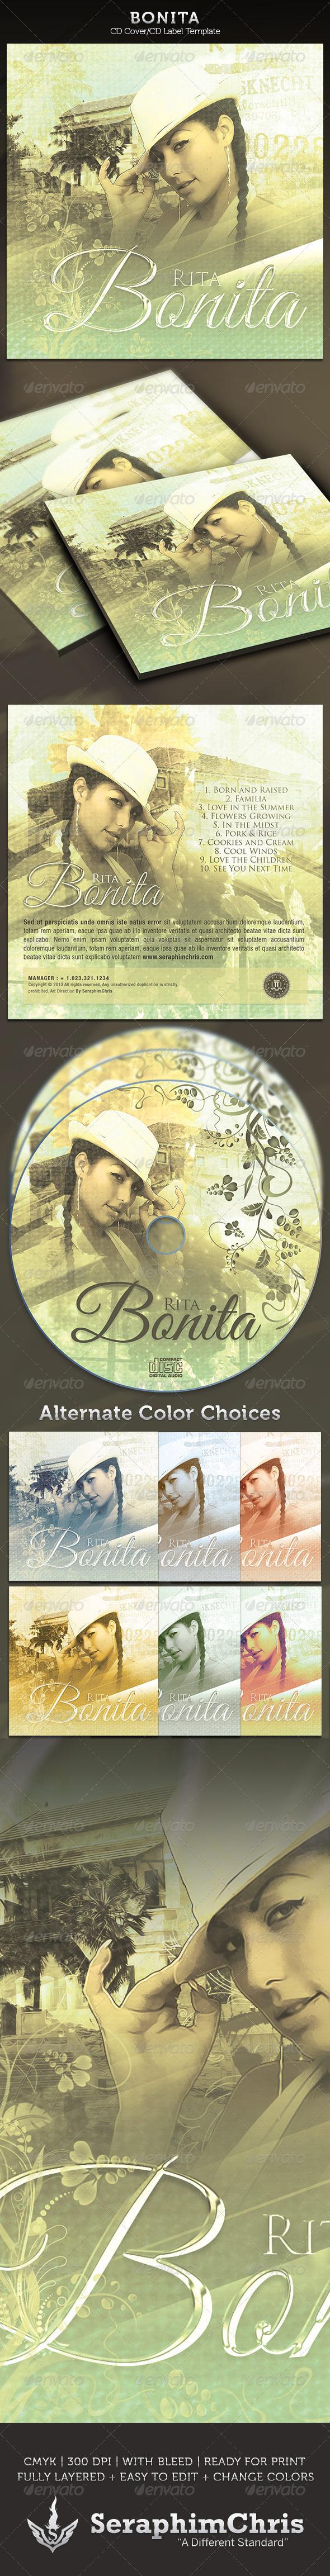 GraphicRiver Bonita CD Cover Artwork Template 4133830